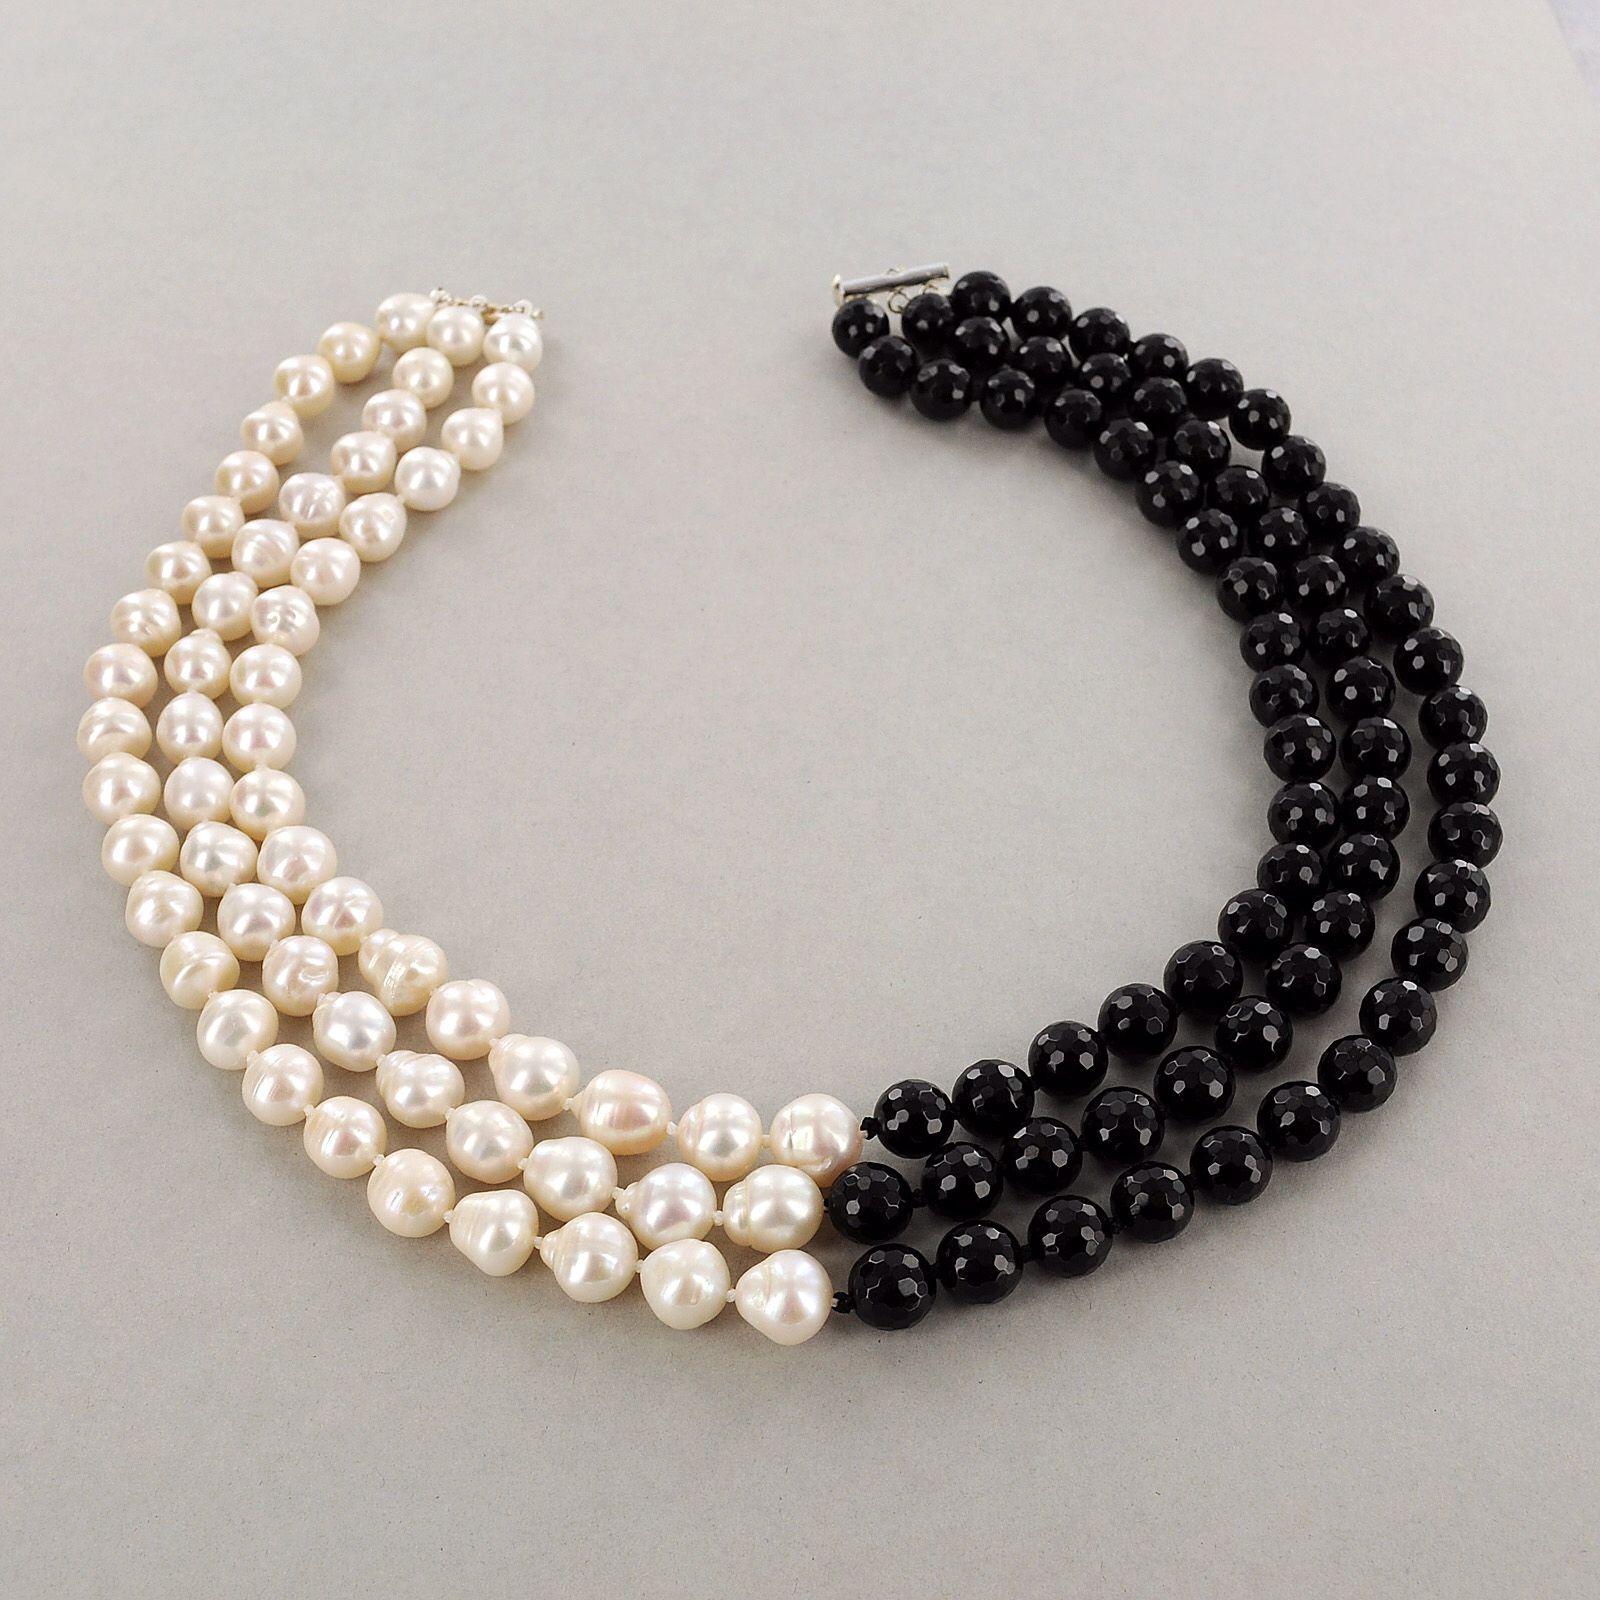 8d6cd245ec45 Perlas negras y blancas